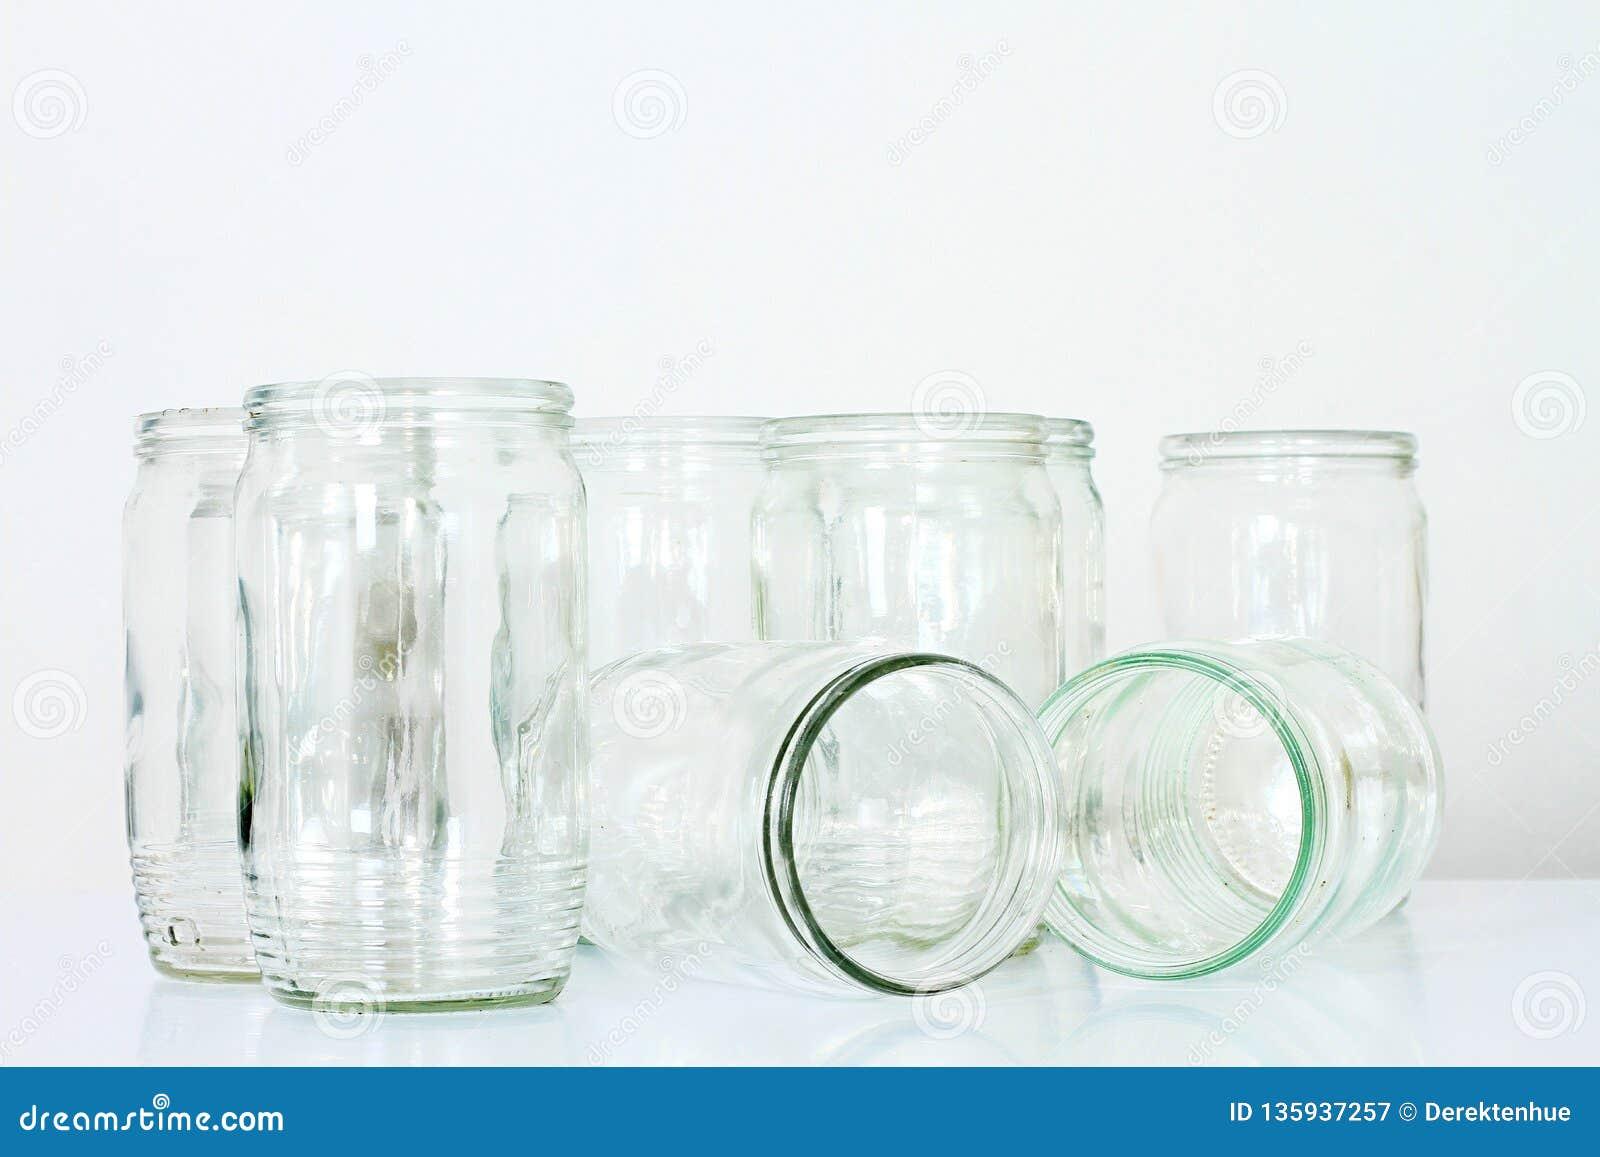 Leere Glasflaschengläser bereit zur Beseitigung